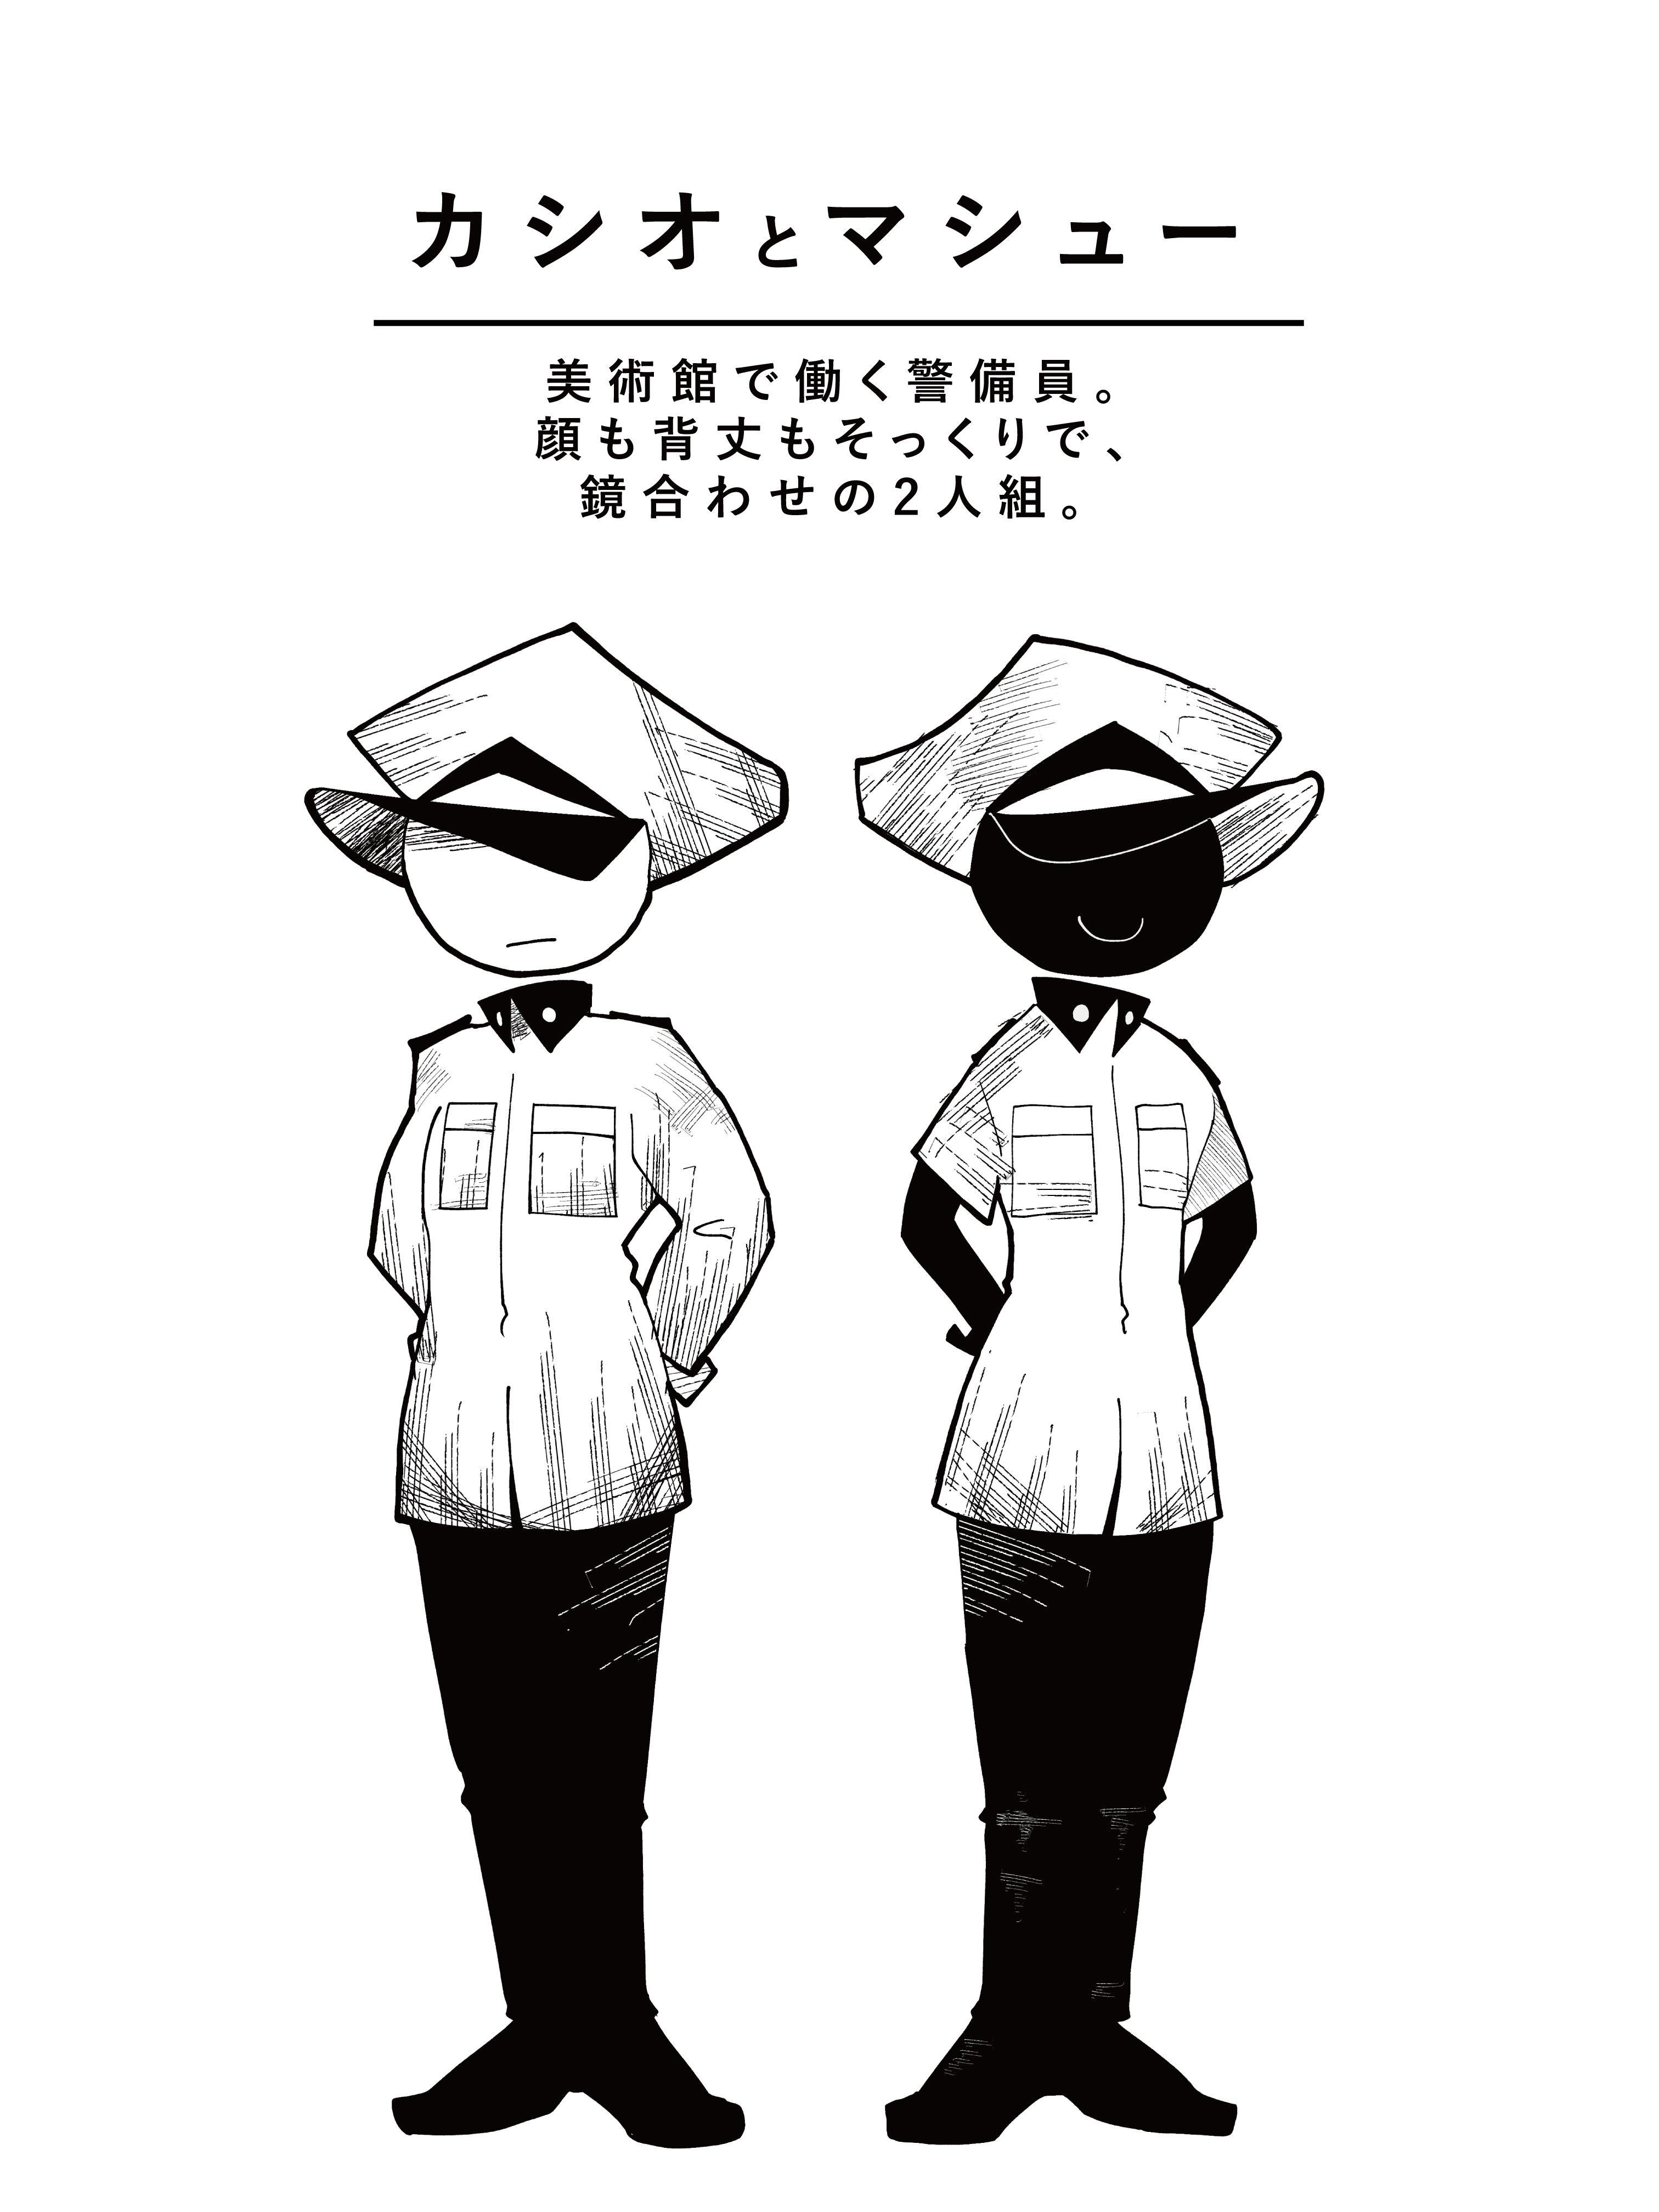 フラナイ00「キャラクター紹介」